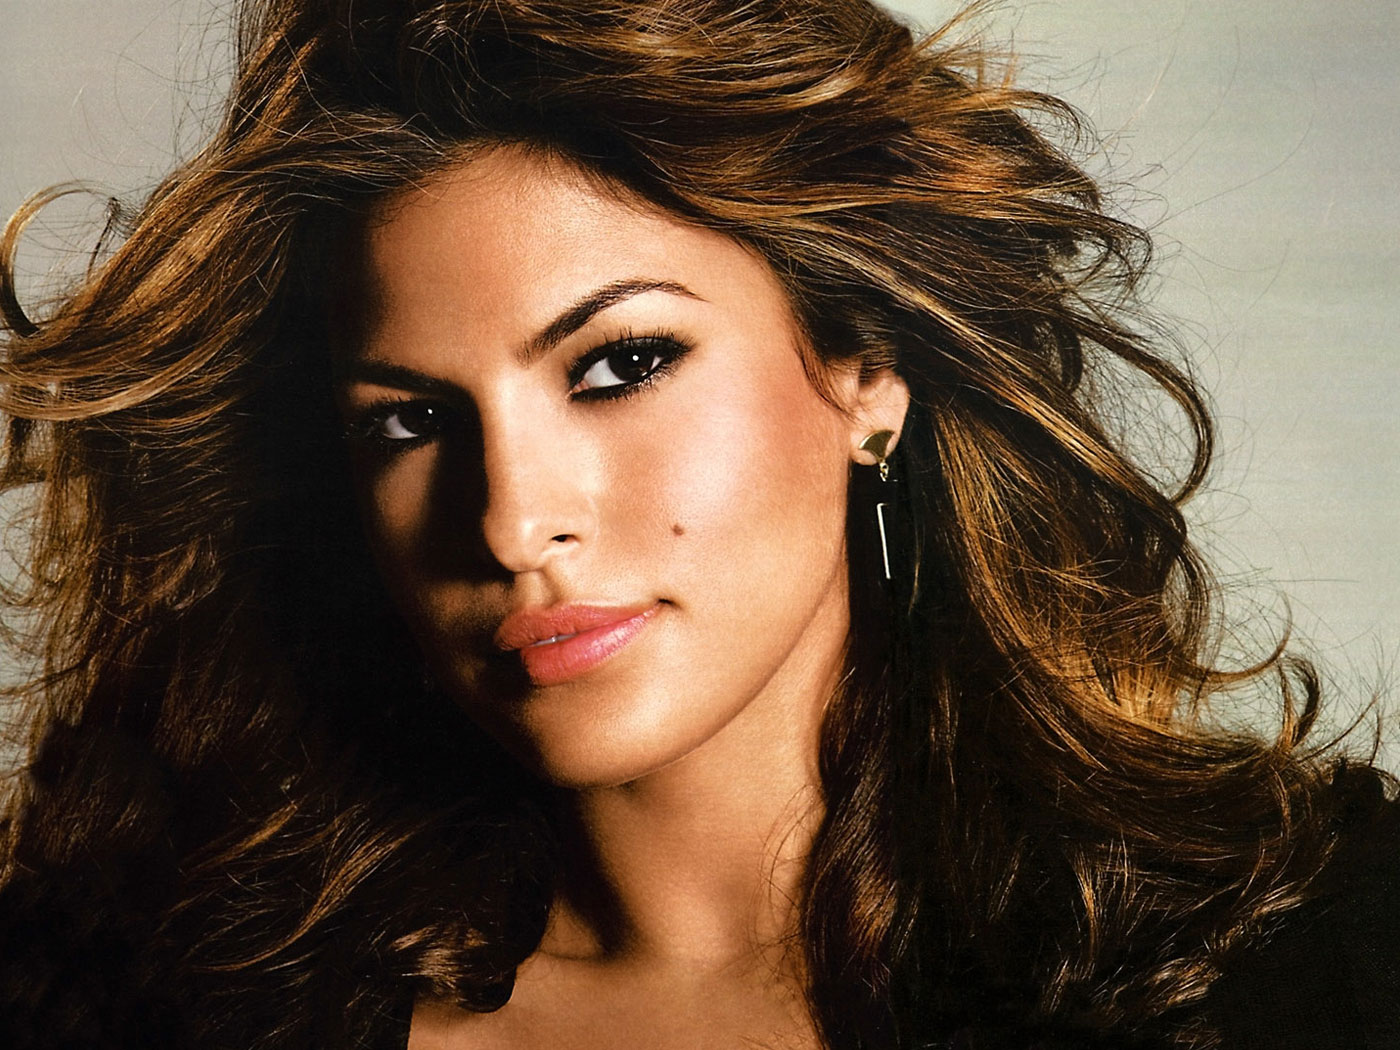 Топ-11 знаменитостей с самыми красивыми натуральными губами